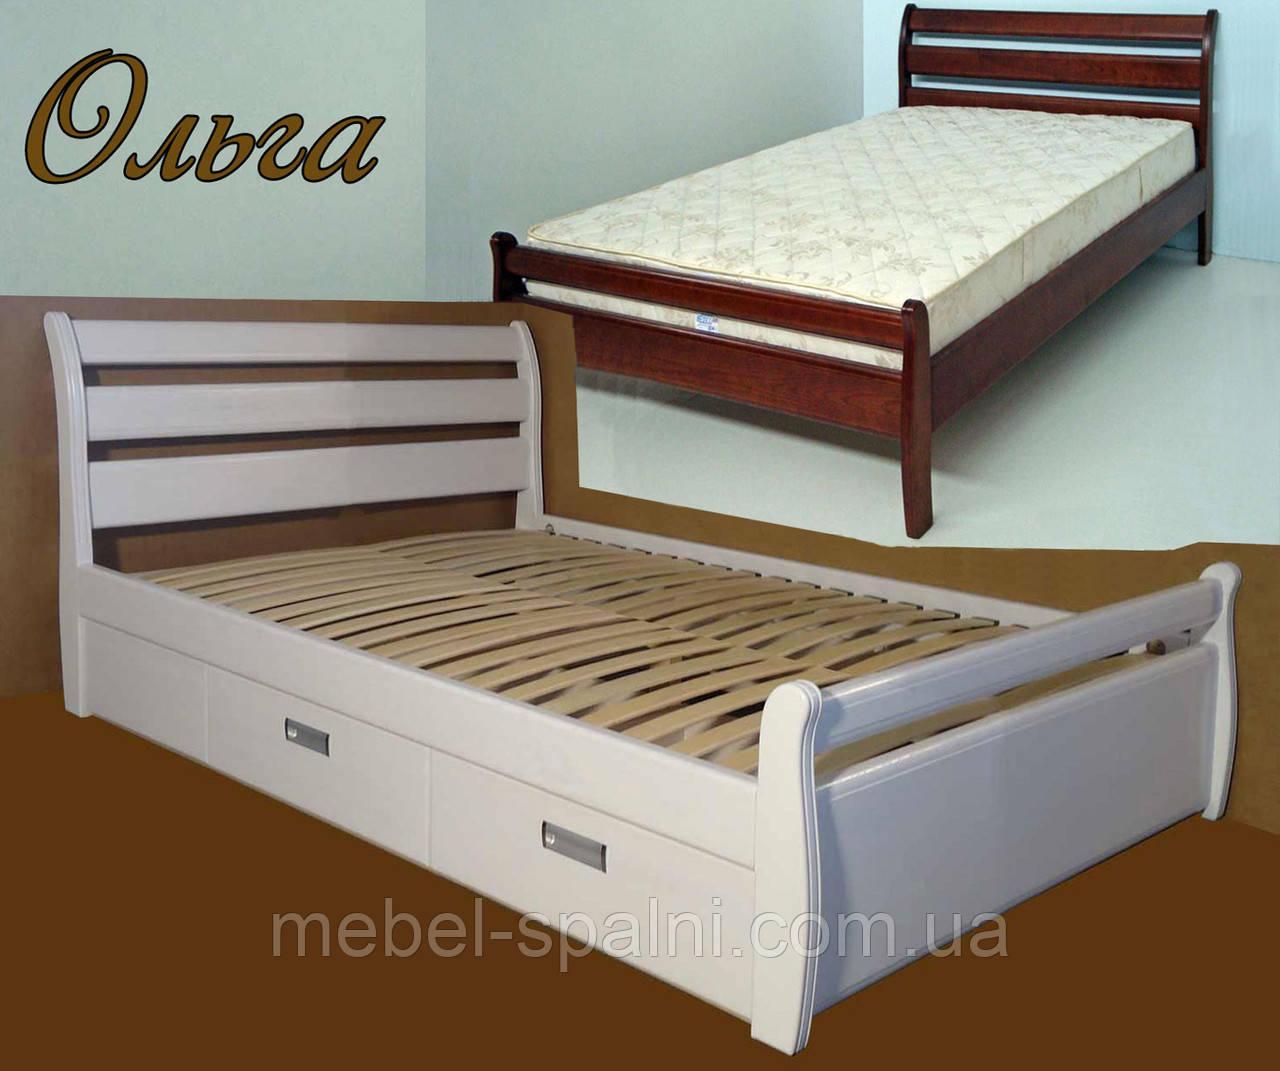 Кровать односпальная «Ольга»